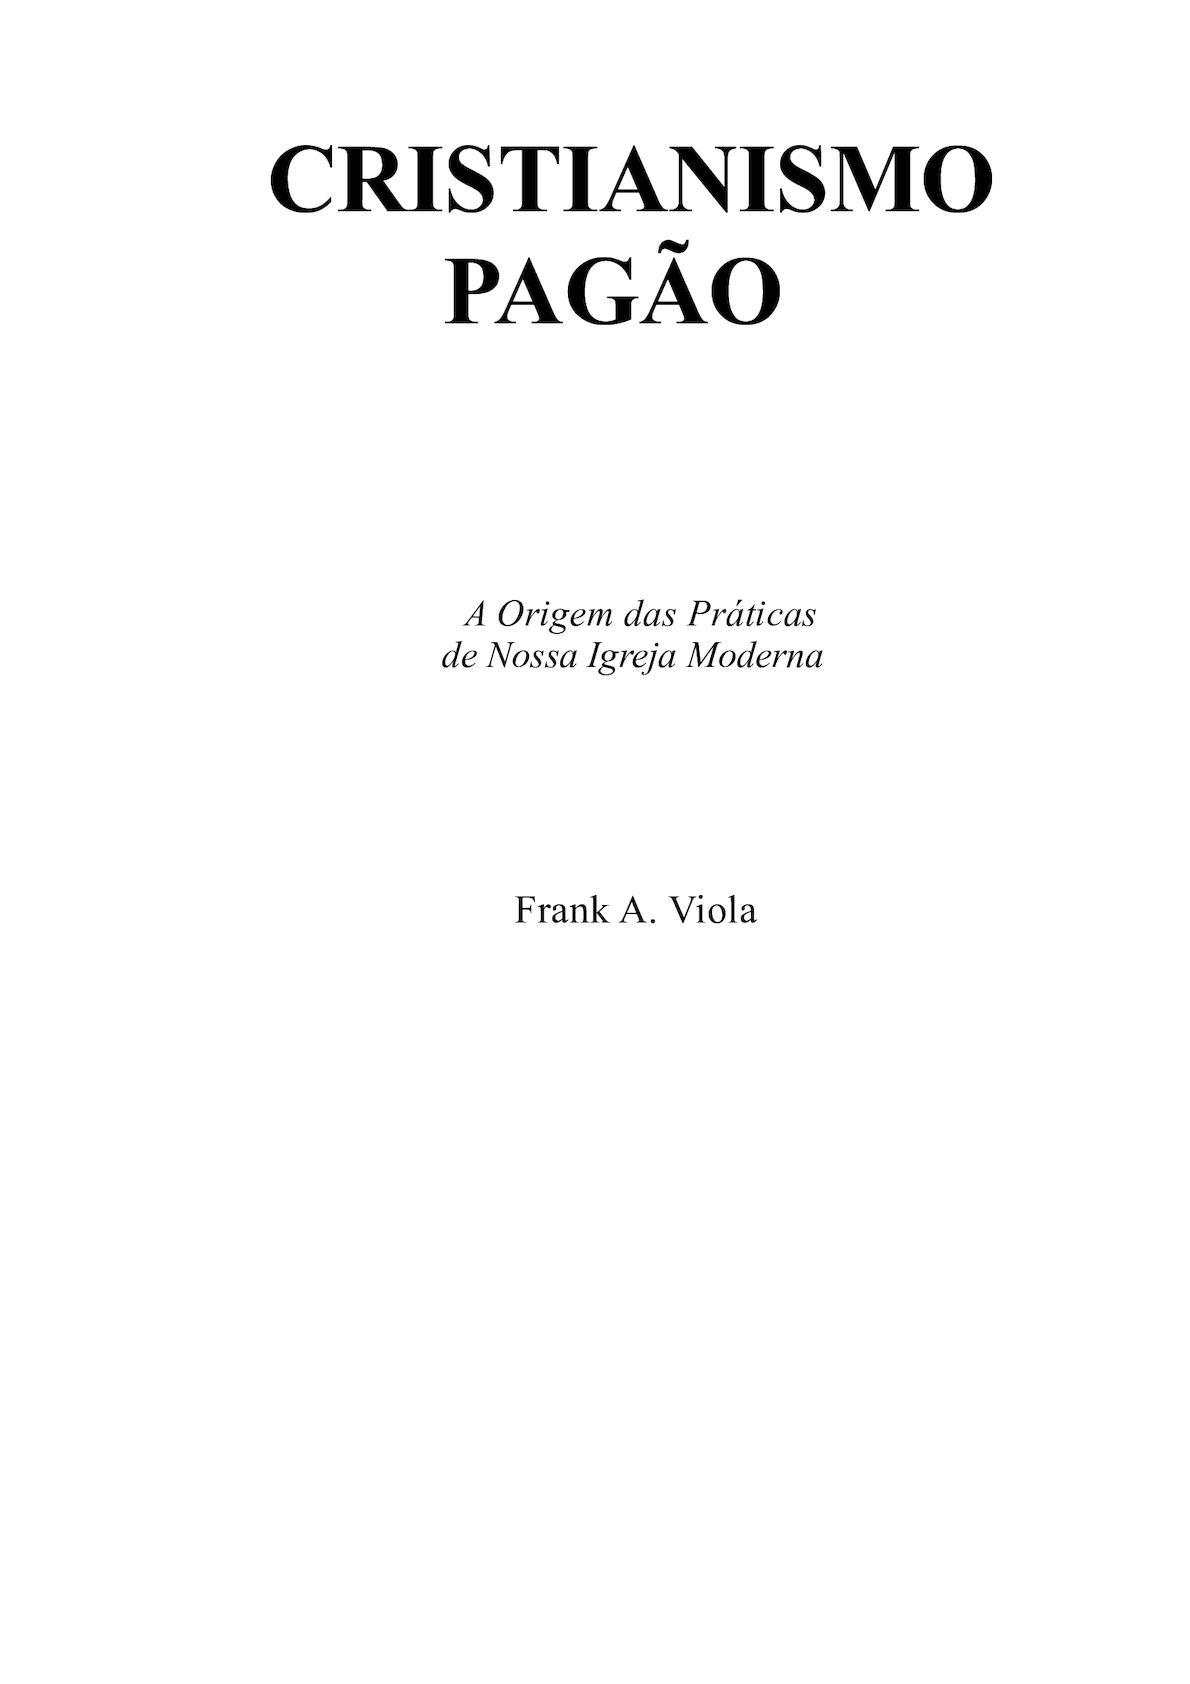 f4f2f13fe Calaméo - Cristianismo Pagão - Frank A. Viola